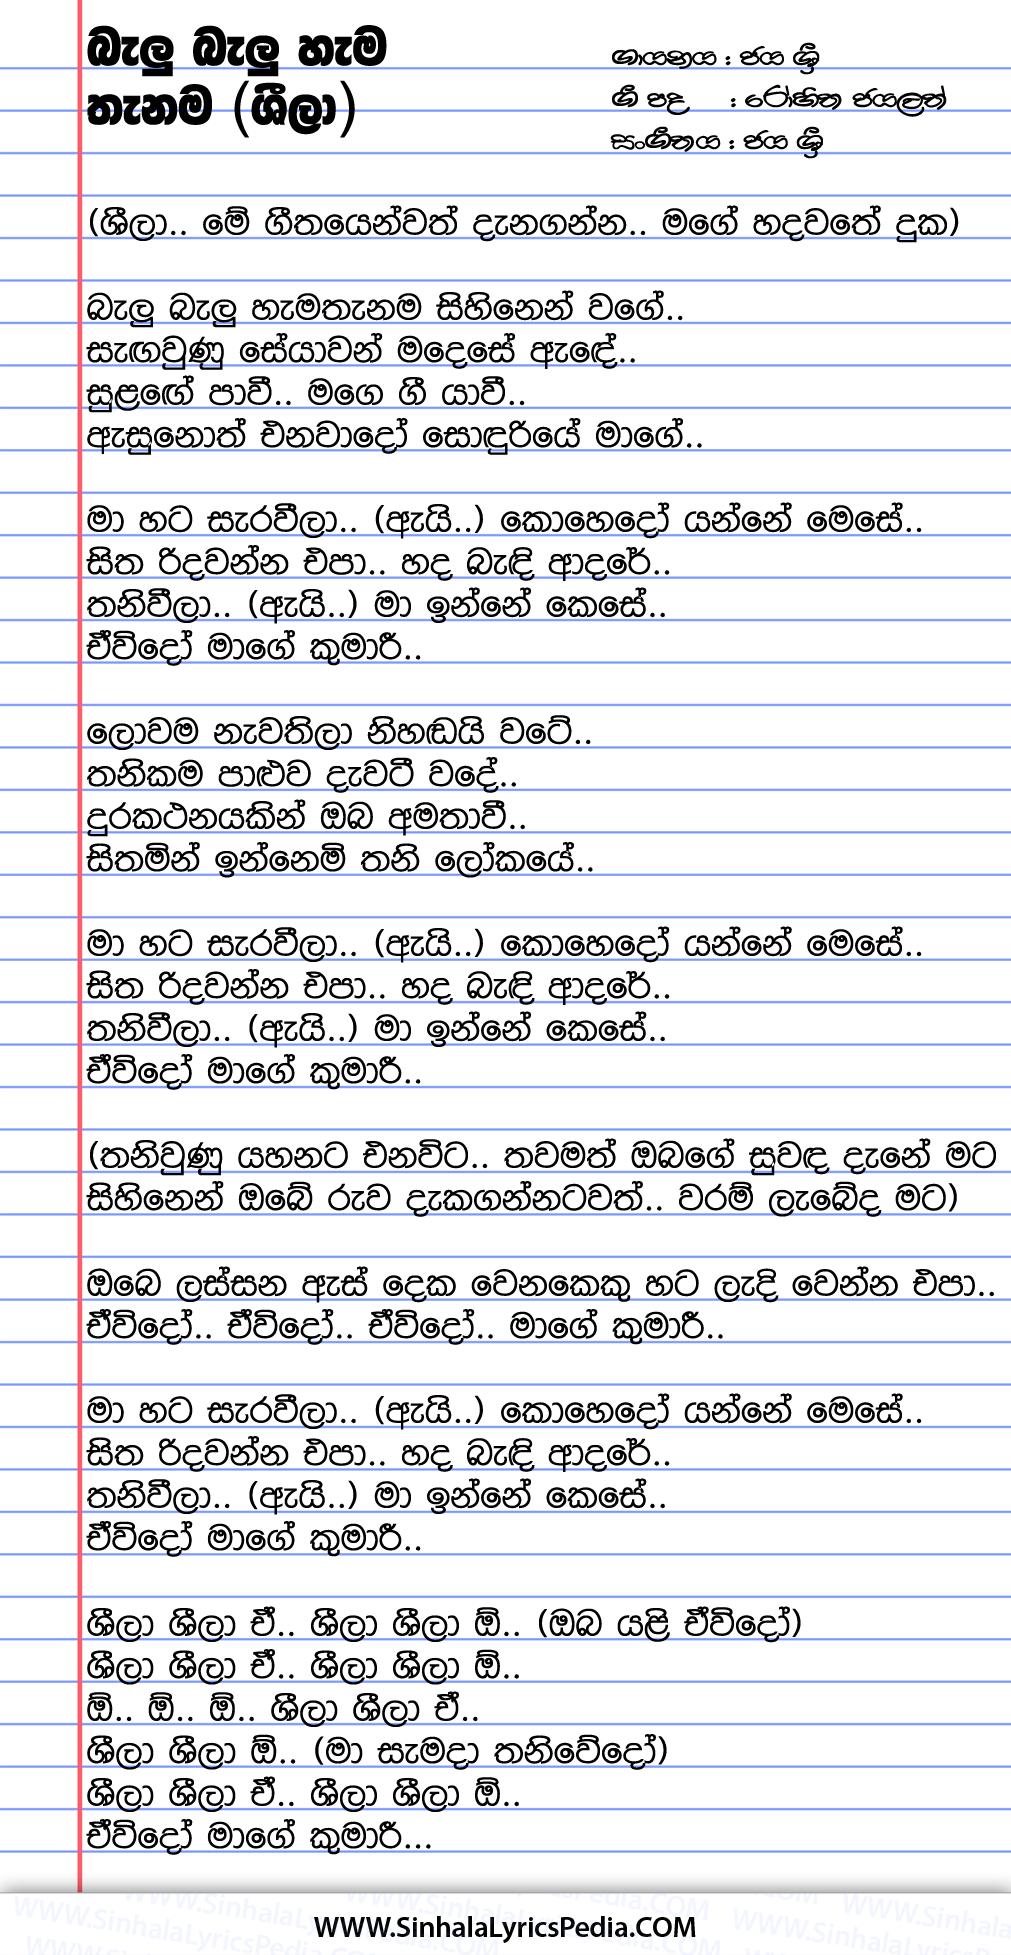 Balu Balu Hamathanama (Sheela) Song Lyrics